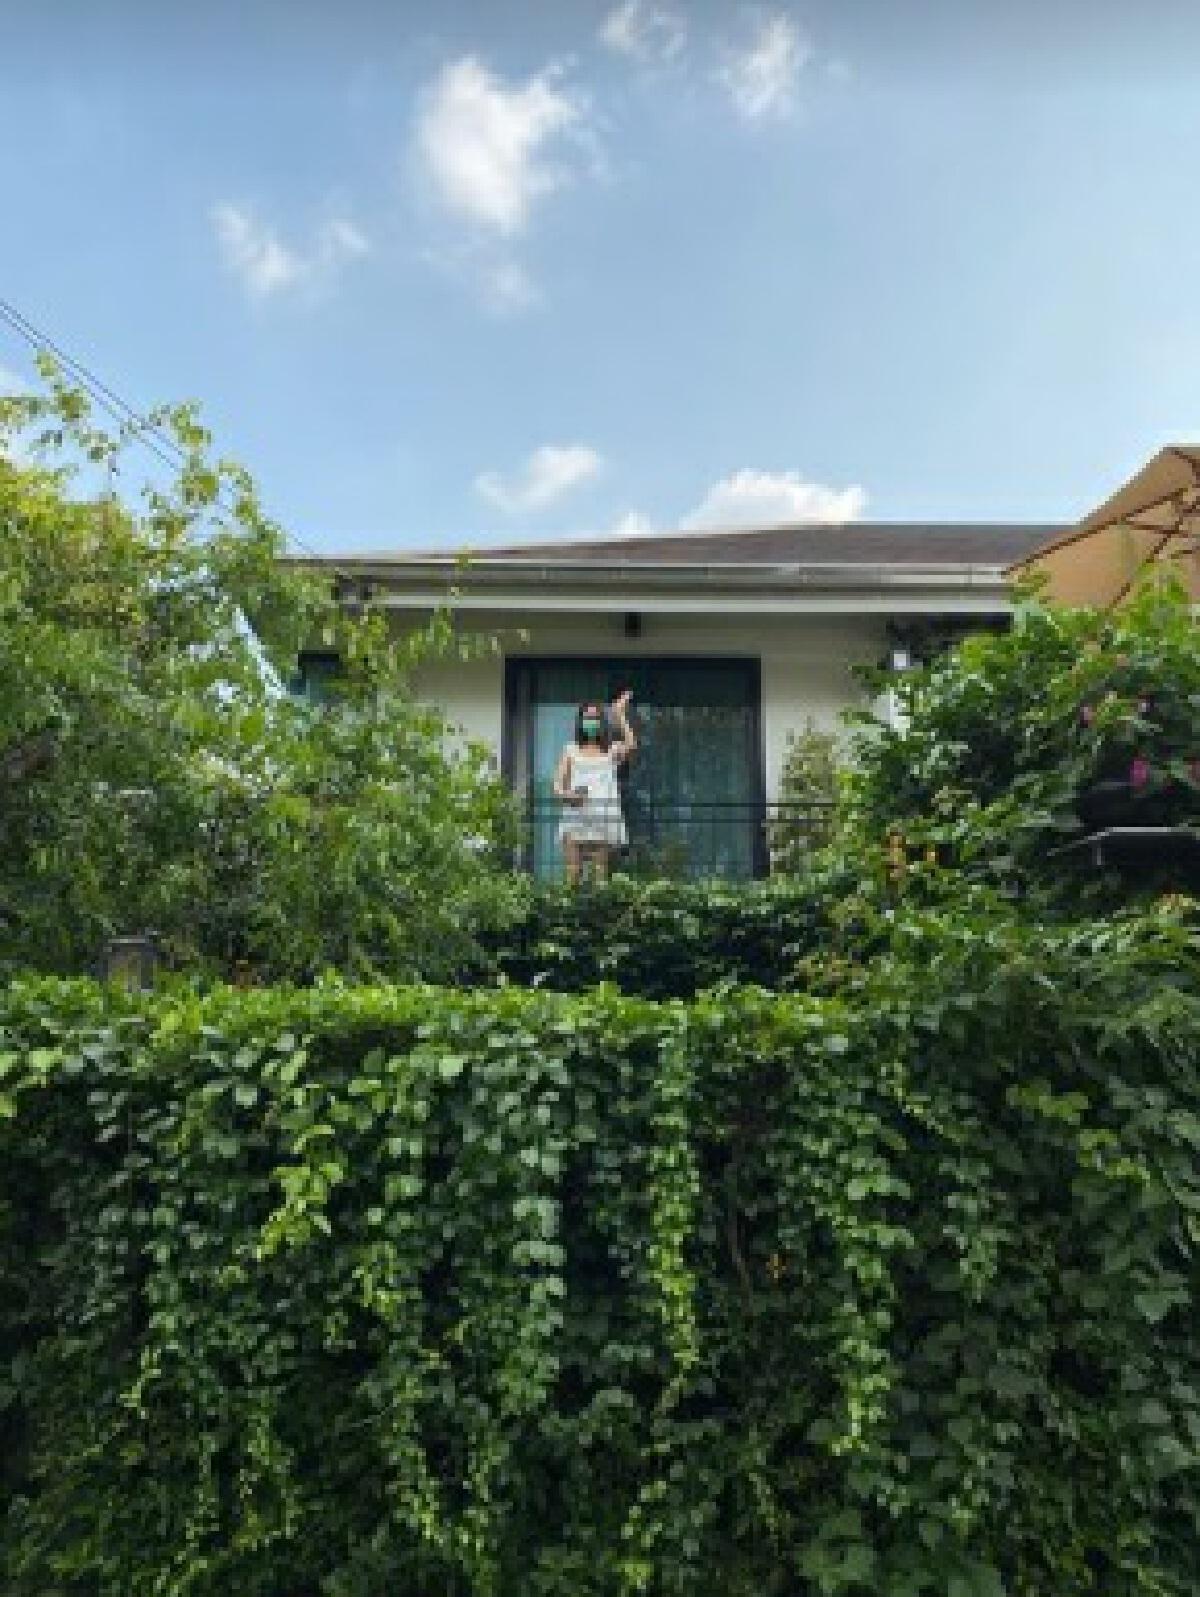 ไฮโซณัย คิดถึงมาก มาหา แต้ว ณฐพร ถึงรั้วหน้าบ้าน